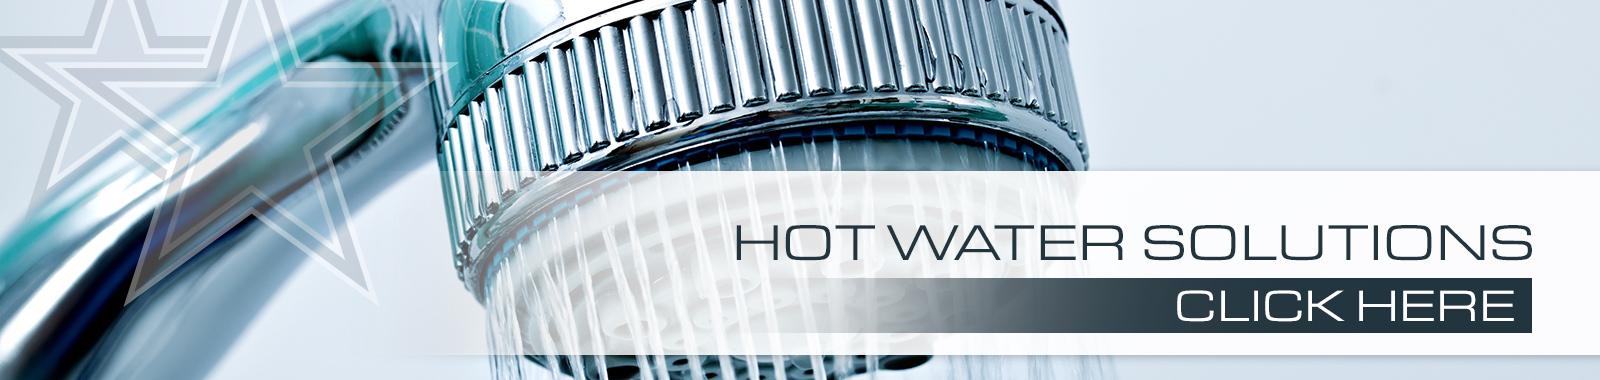 banner_hotwater